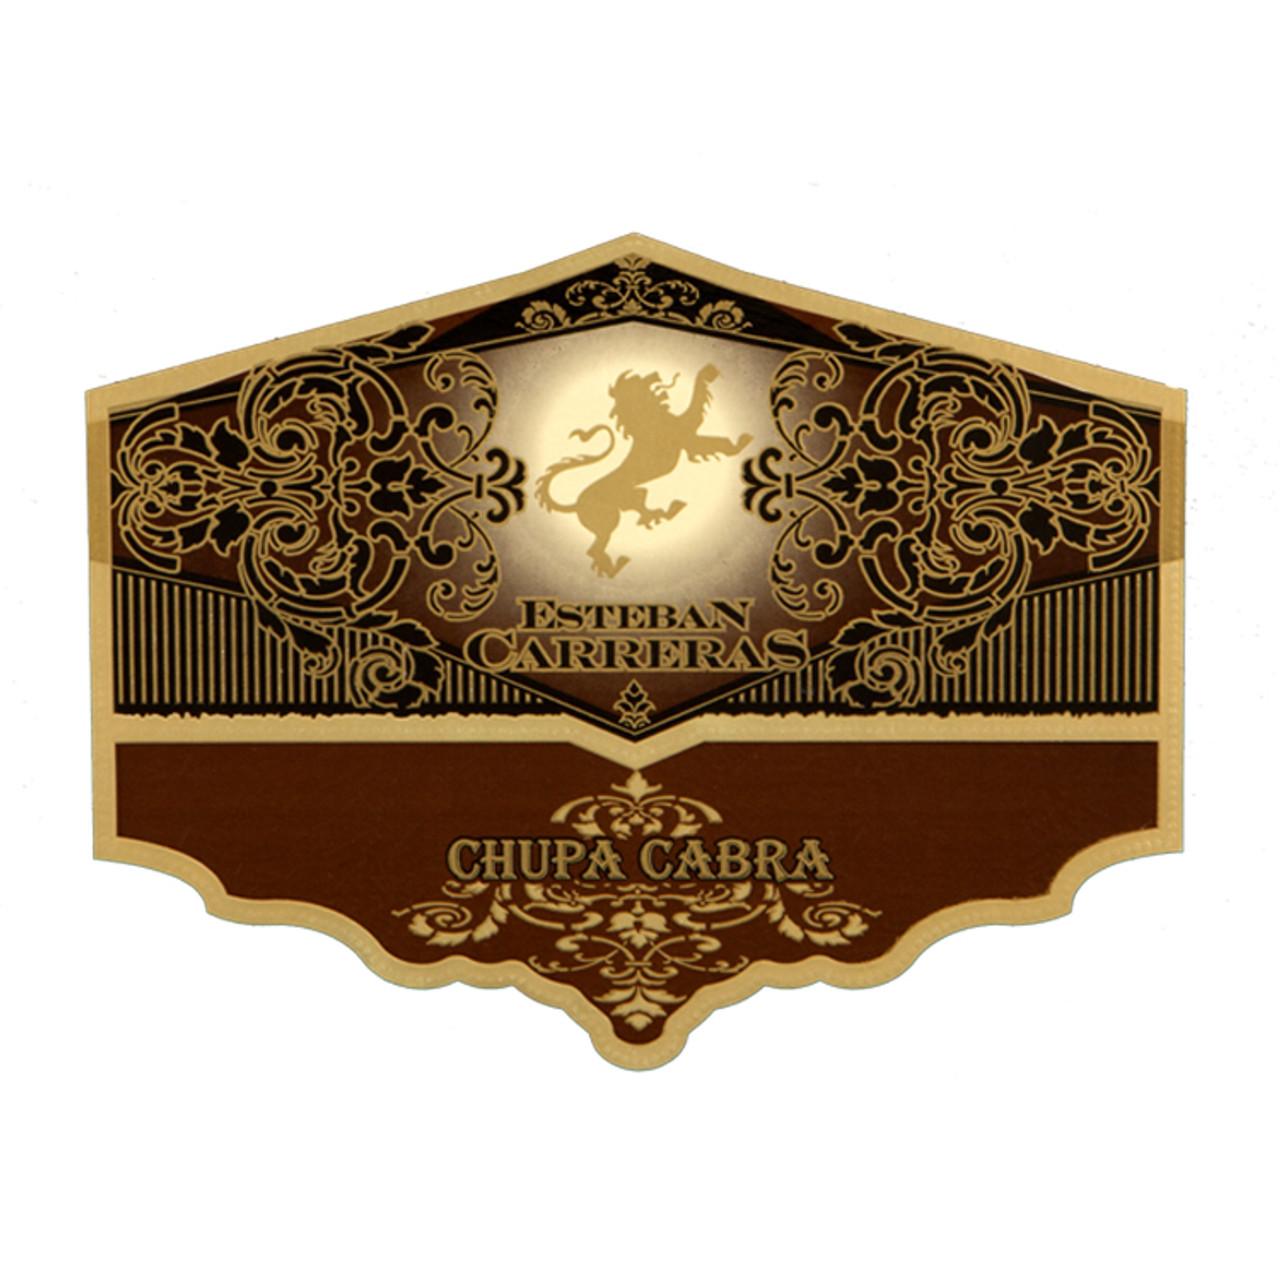 Esteban Carreras Chupacabra Corona Cigars - 6 x 44 (Box of 20)